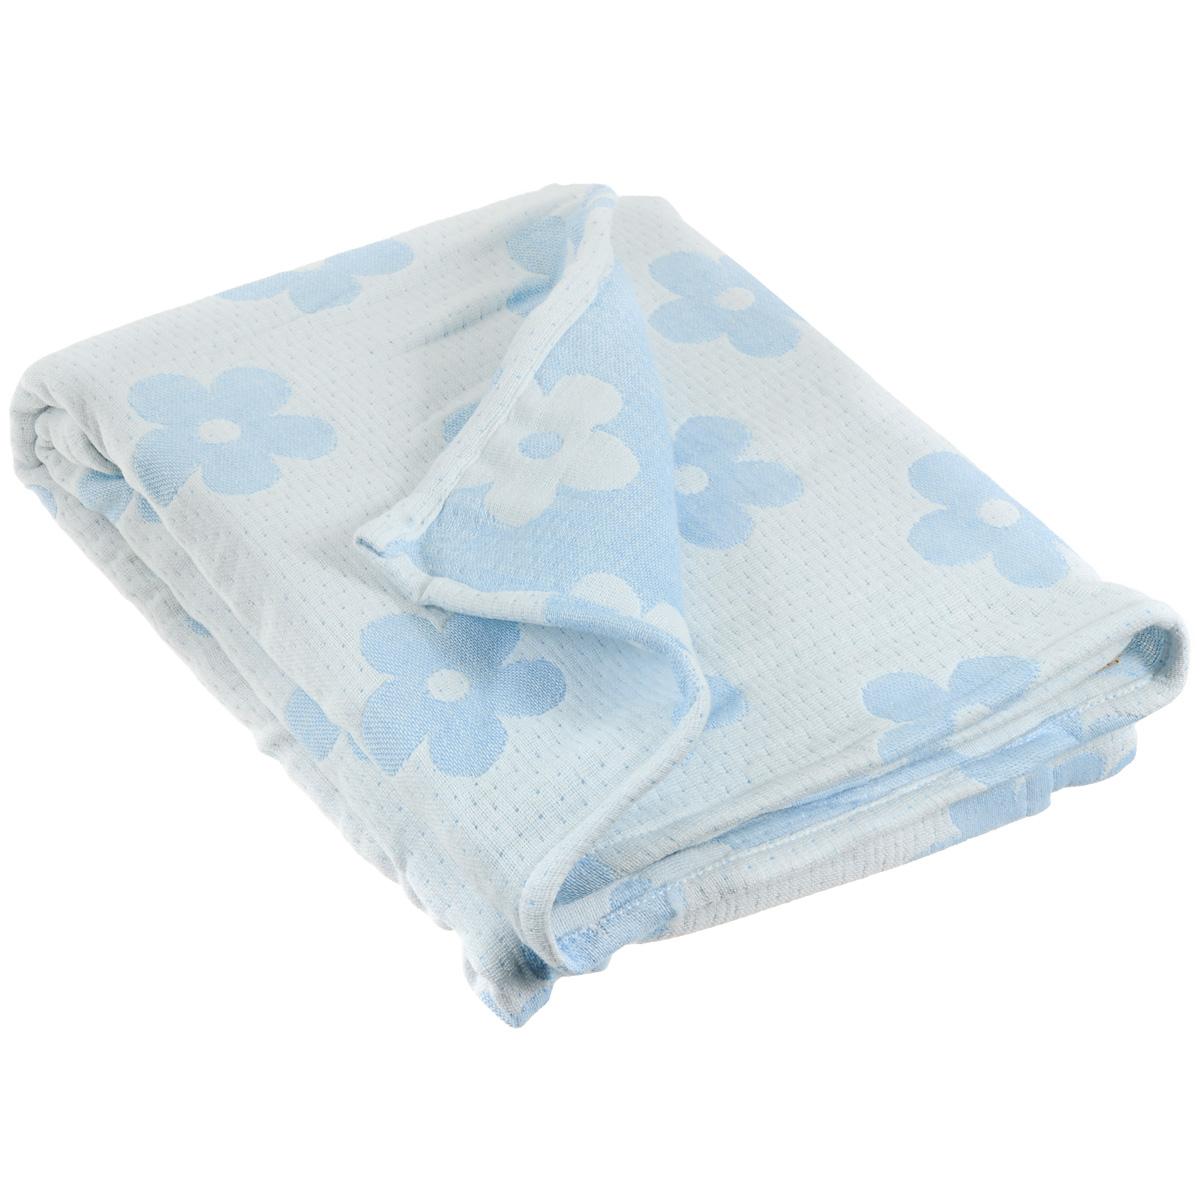 """Муслиновый плед-одеяло Baby Nice """"Цветы"""", изготовленный из мягкого натурального 100% хлопка, оформлен цветочным рисунком. Плед-одеяло для новорожденных из мягкого и дышащего муслинового хлопка идеально подходит для комфортного сна малыша. Состоит из четырех слоев дышащего муслина, которые помогут сохранить тепло собственного тела ребенка, предотвращая перегревание. Благодаря особой технологии переплетения нитей и специальной отделки пряжи, муслиновый плед приобрел улучшенную мягкость и гигроскопичность. Легкий и дышащий, эластичный и практичный, такой плед хорошо пропускает воздух, впитывает влагу и прекрасно отдает тепло. Он создаст вашему малышу ощущение свежести и комфорта. Муслиновый плед сохраняет свои свойства даже после многочисленных стирок, быстро сохнет и не требует глажки. Во время прогулки такой плед послужит легким одеялом в коляску."""